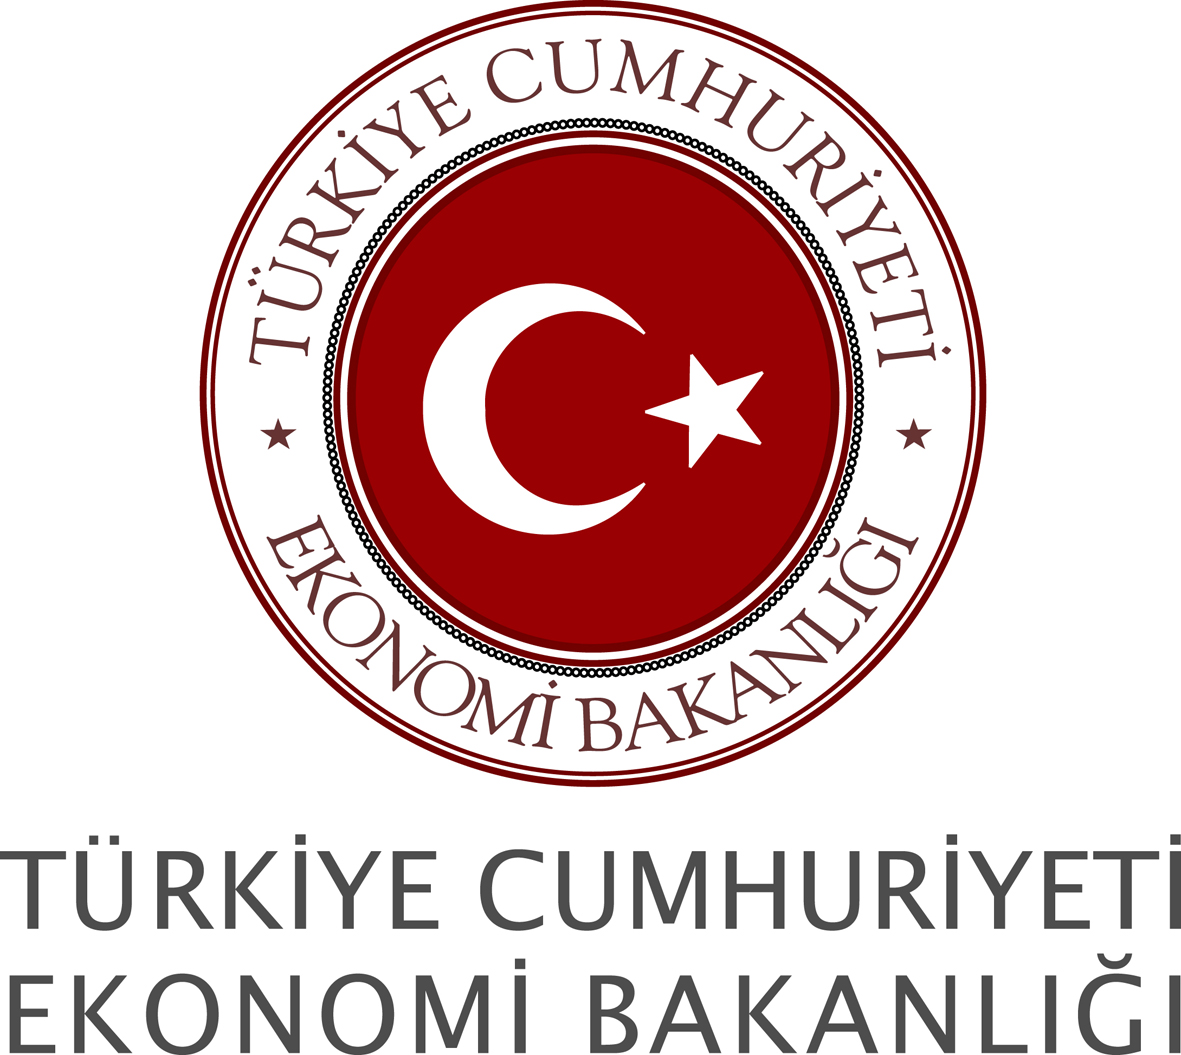 EB Turkce standartCCa.cdr